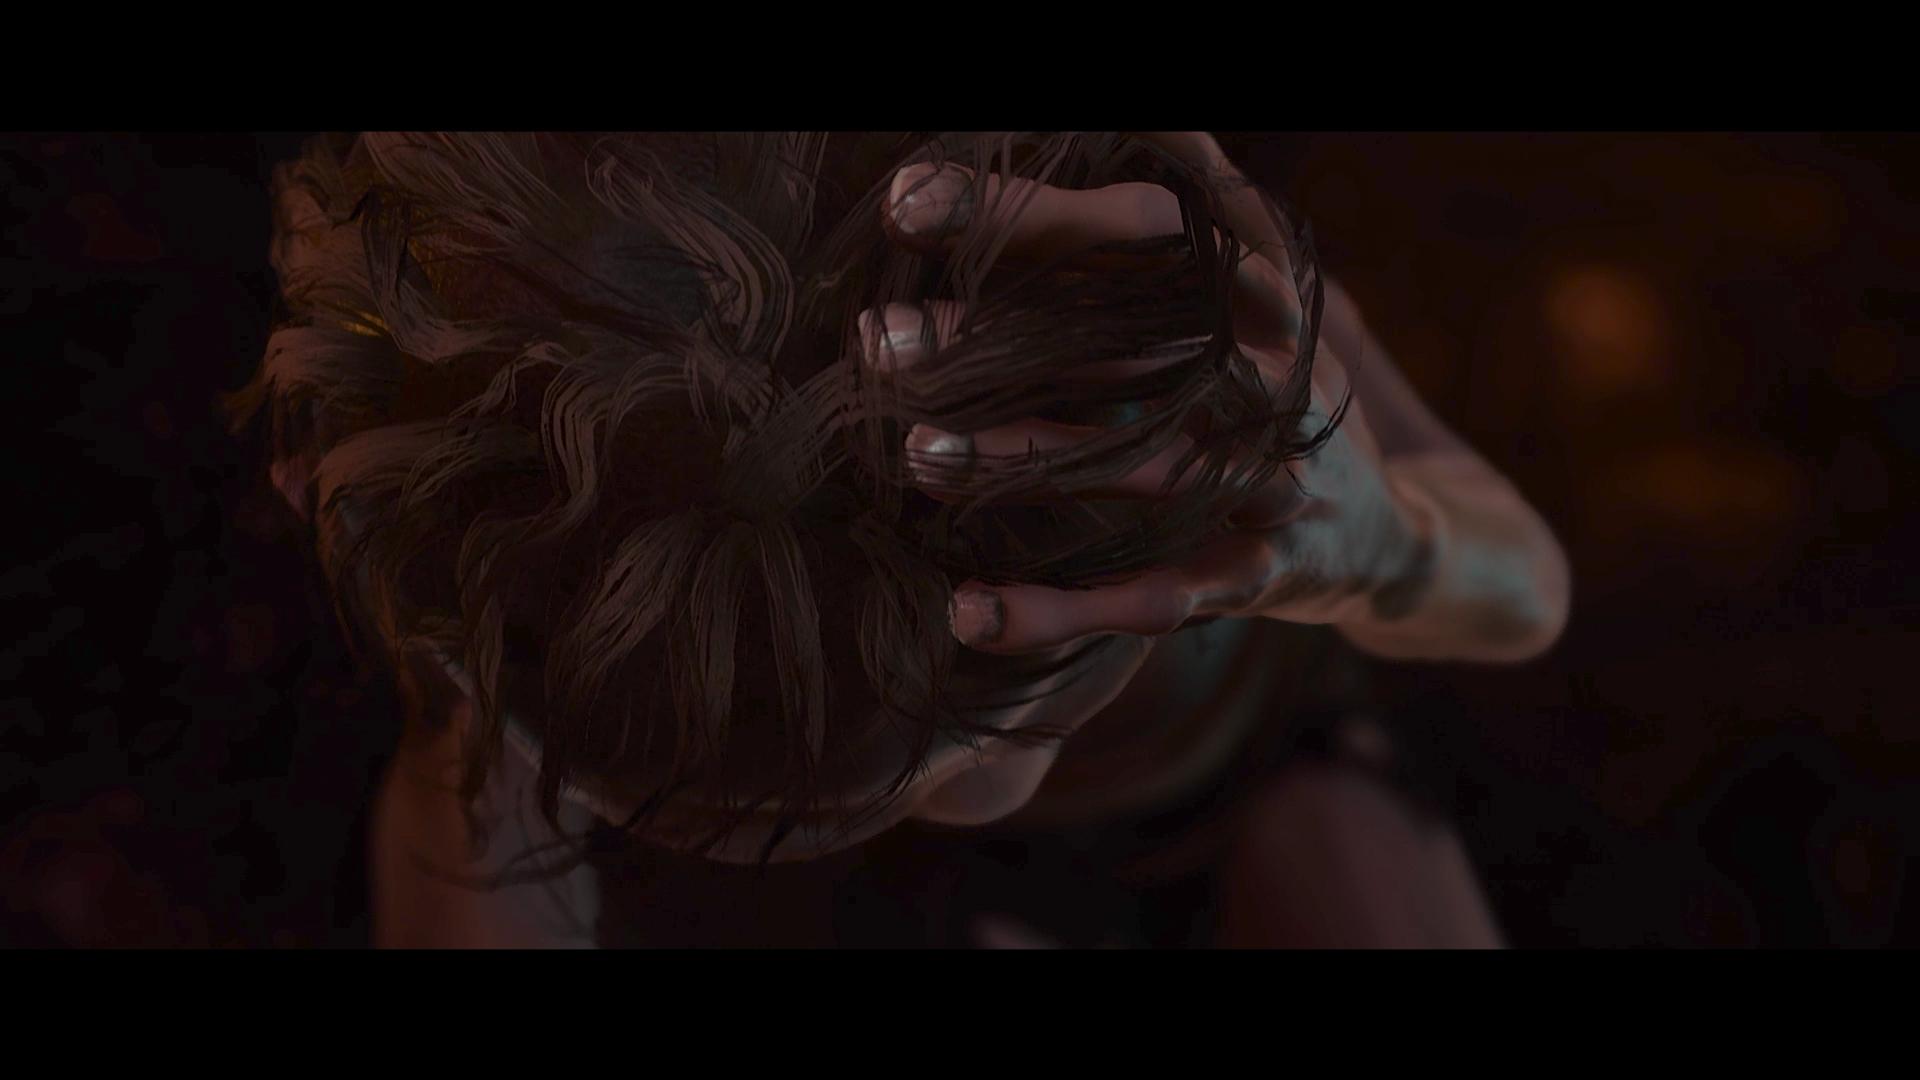 Gollum_Trailer_Still (7)